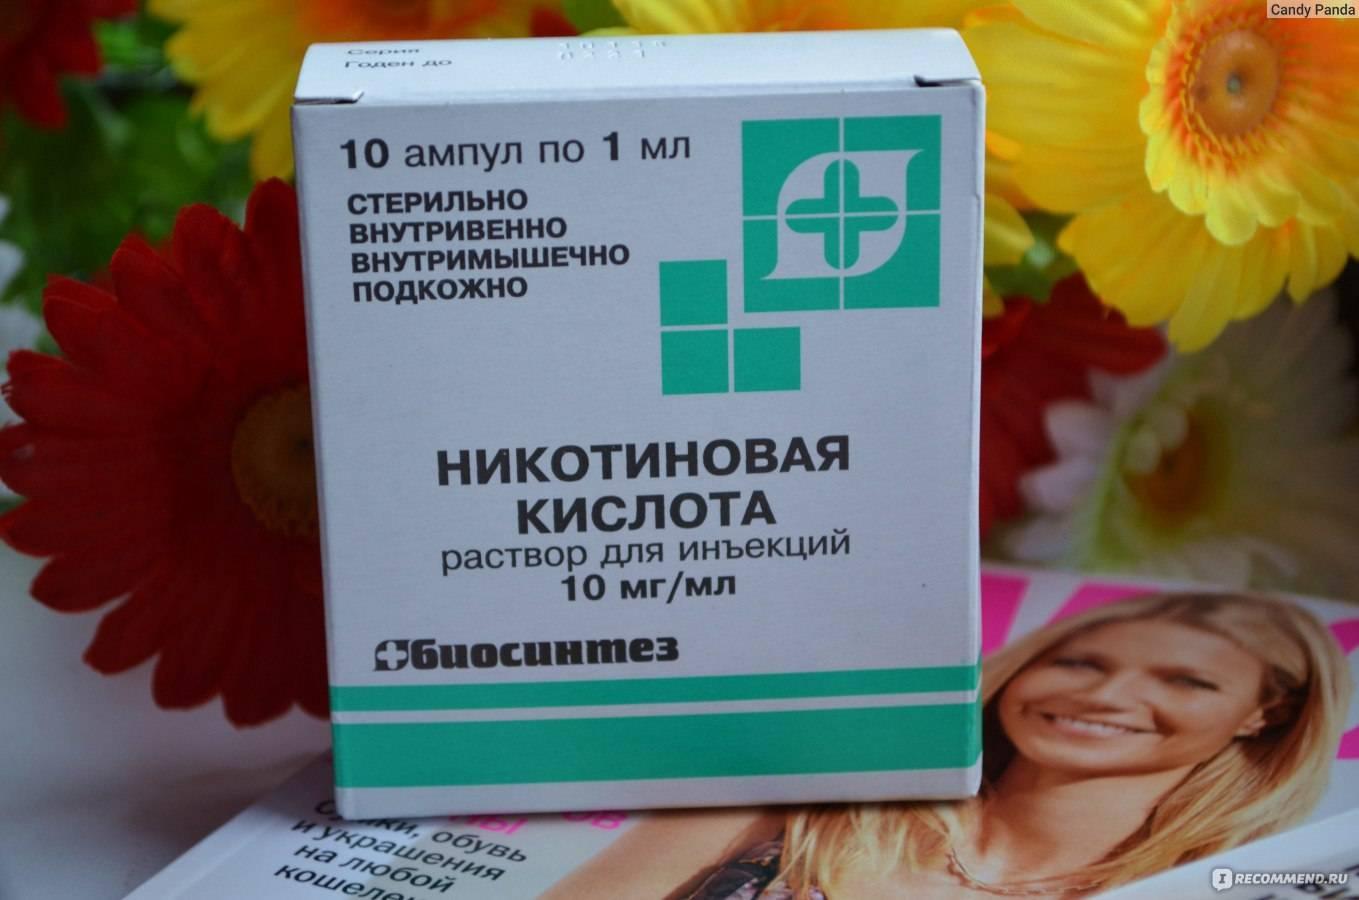 » лечение волос никотиновой кислотой